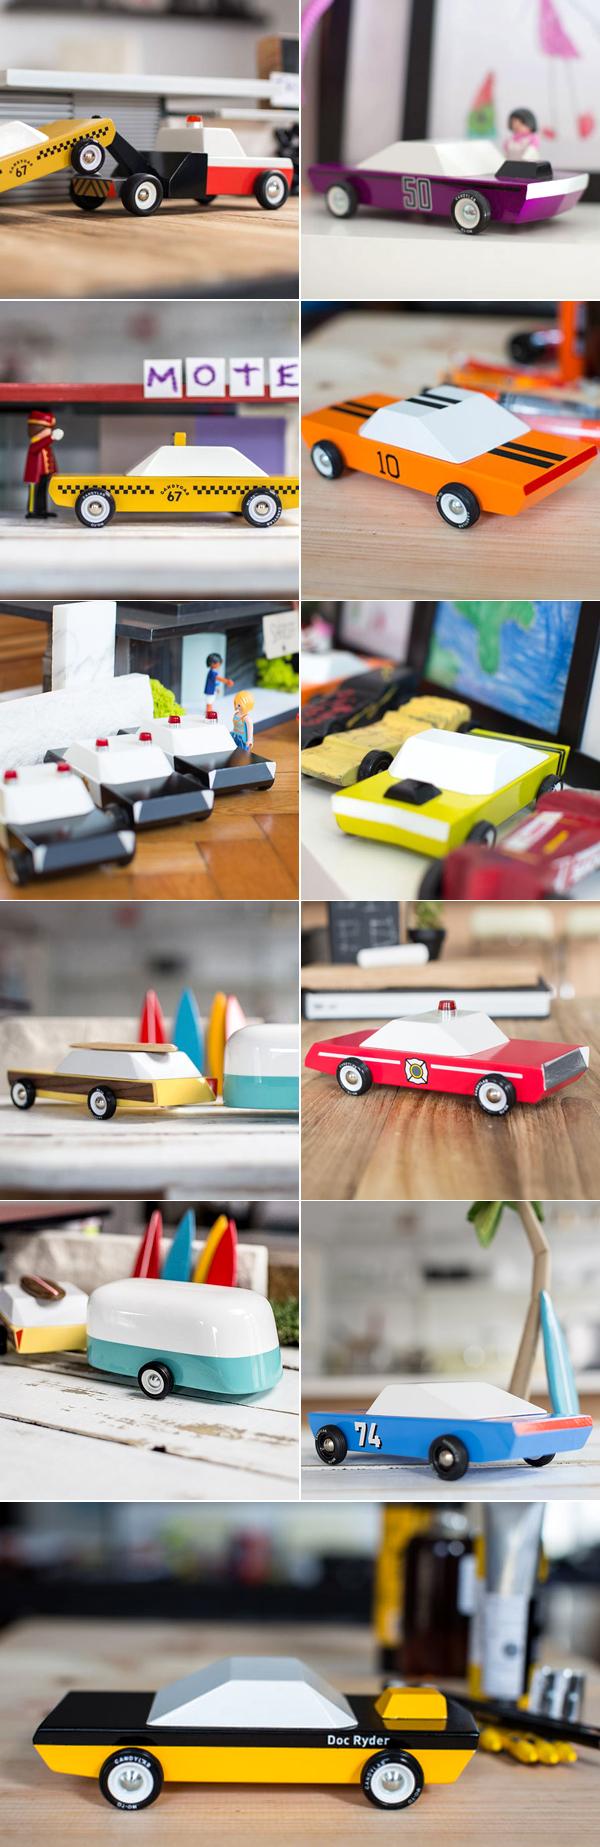 11種類のcandylab toysを並べた画像